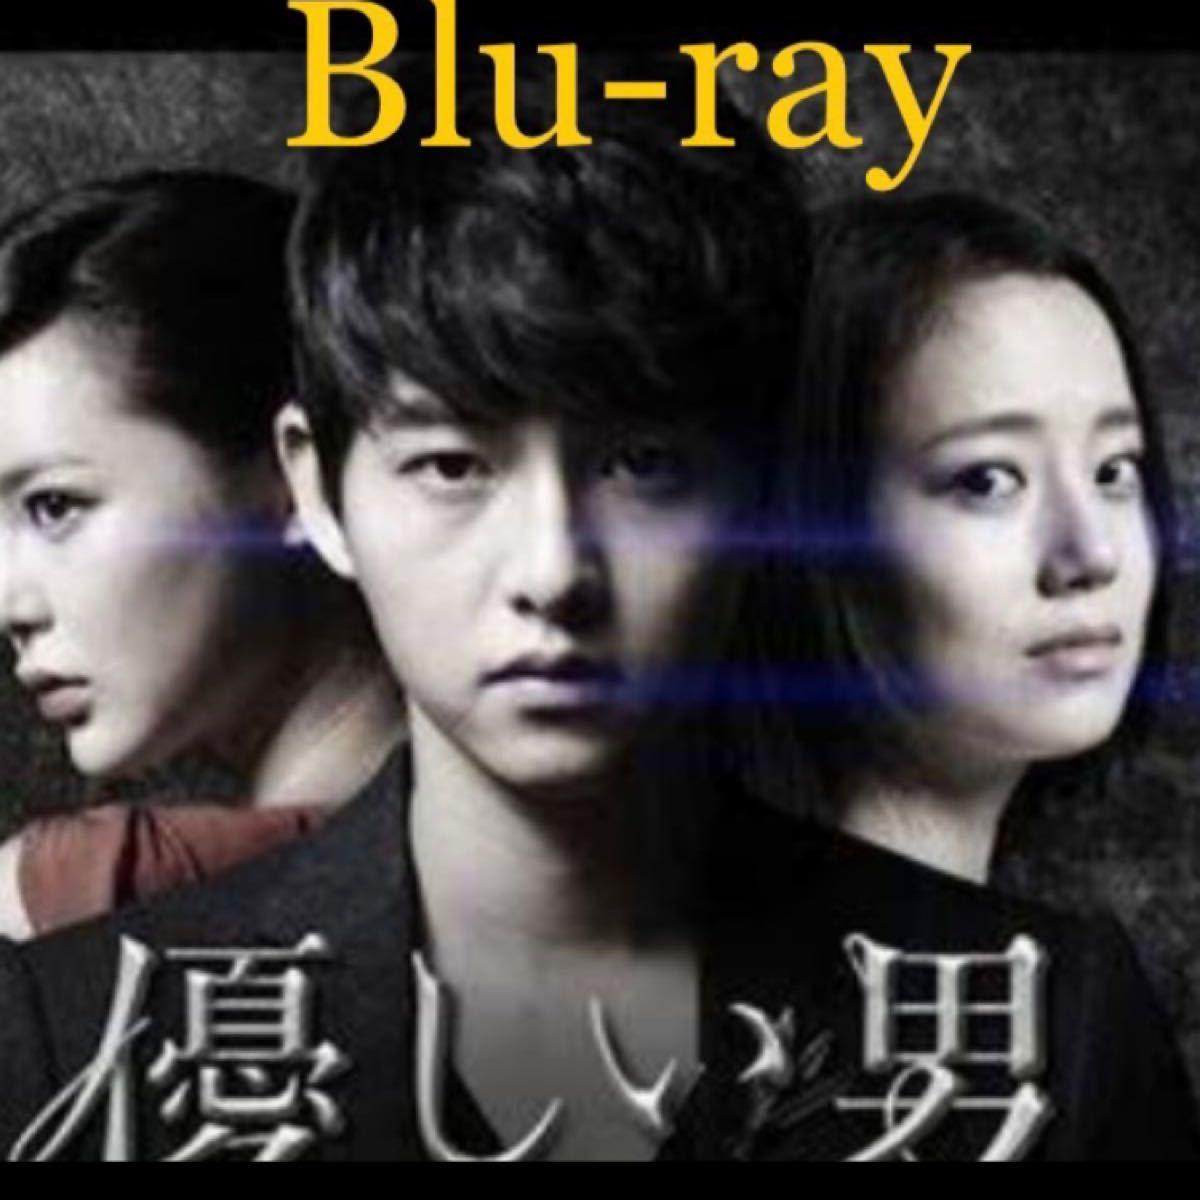 韓国ドラマ 優しい男 Blu-ray